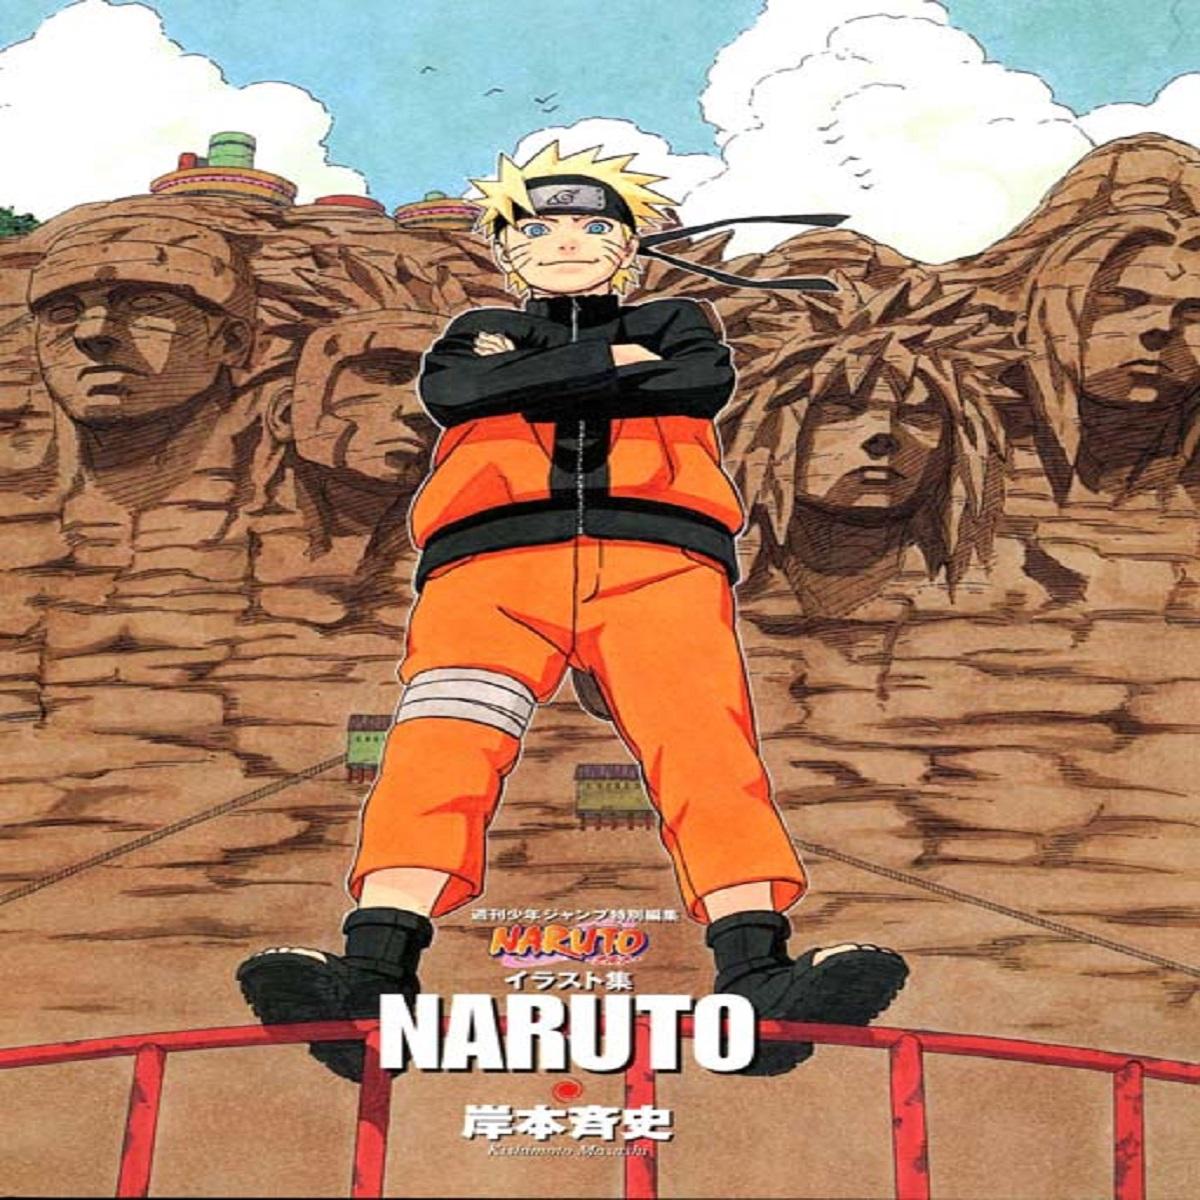 مجله Naruto Illustration Book اکتبر 2010